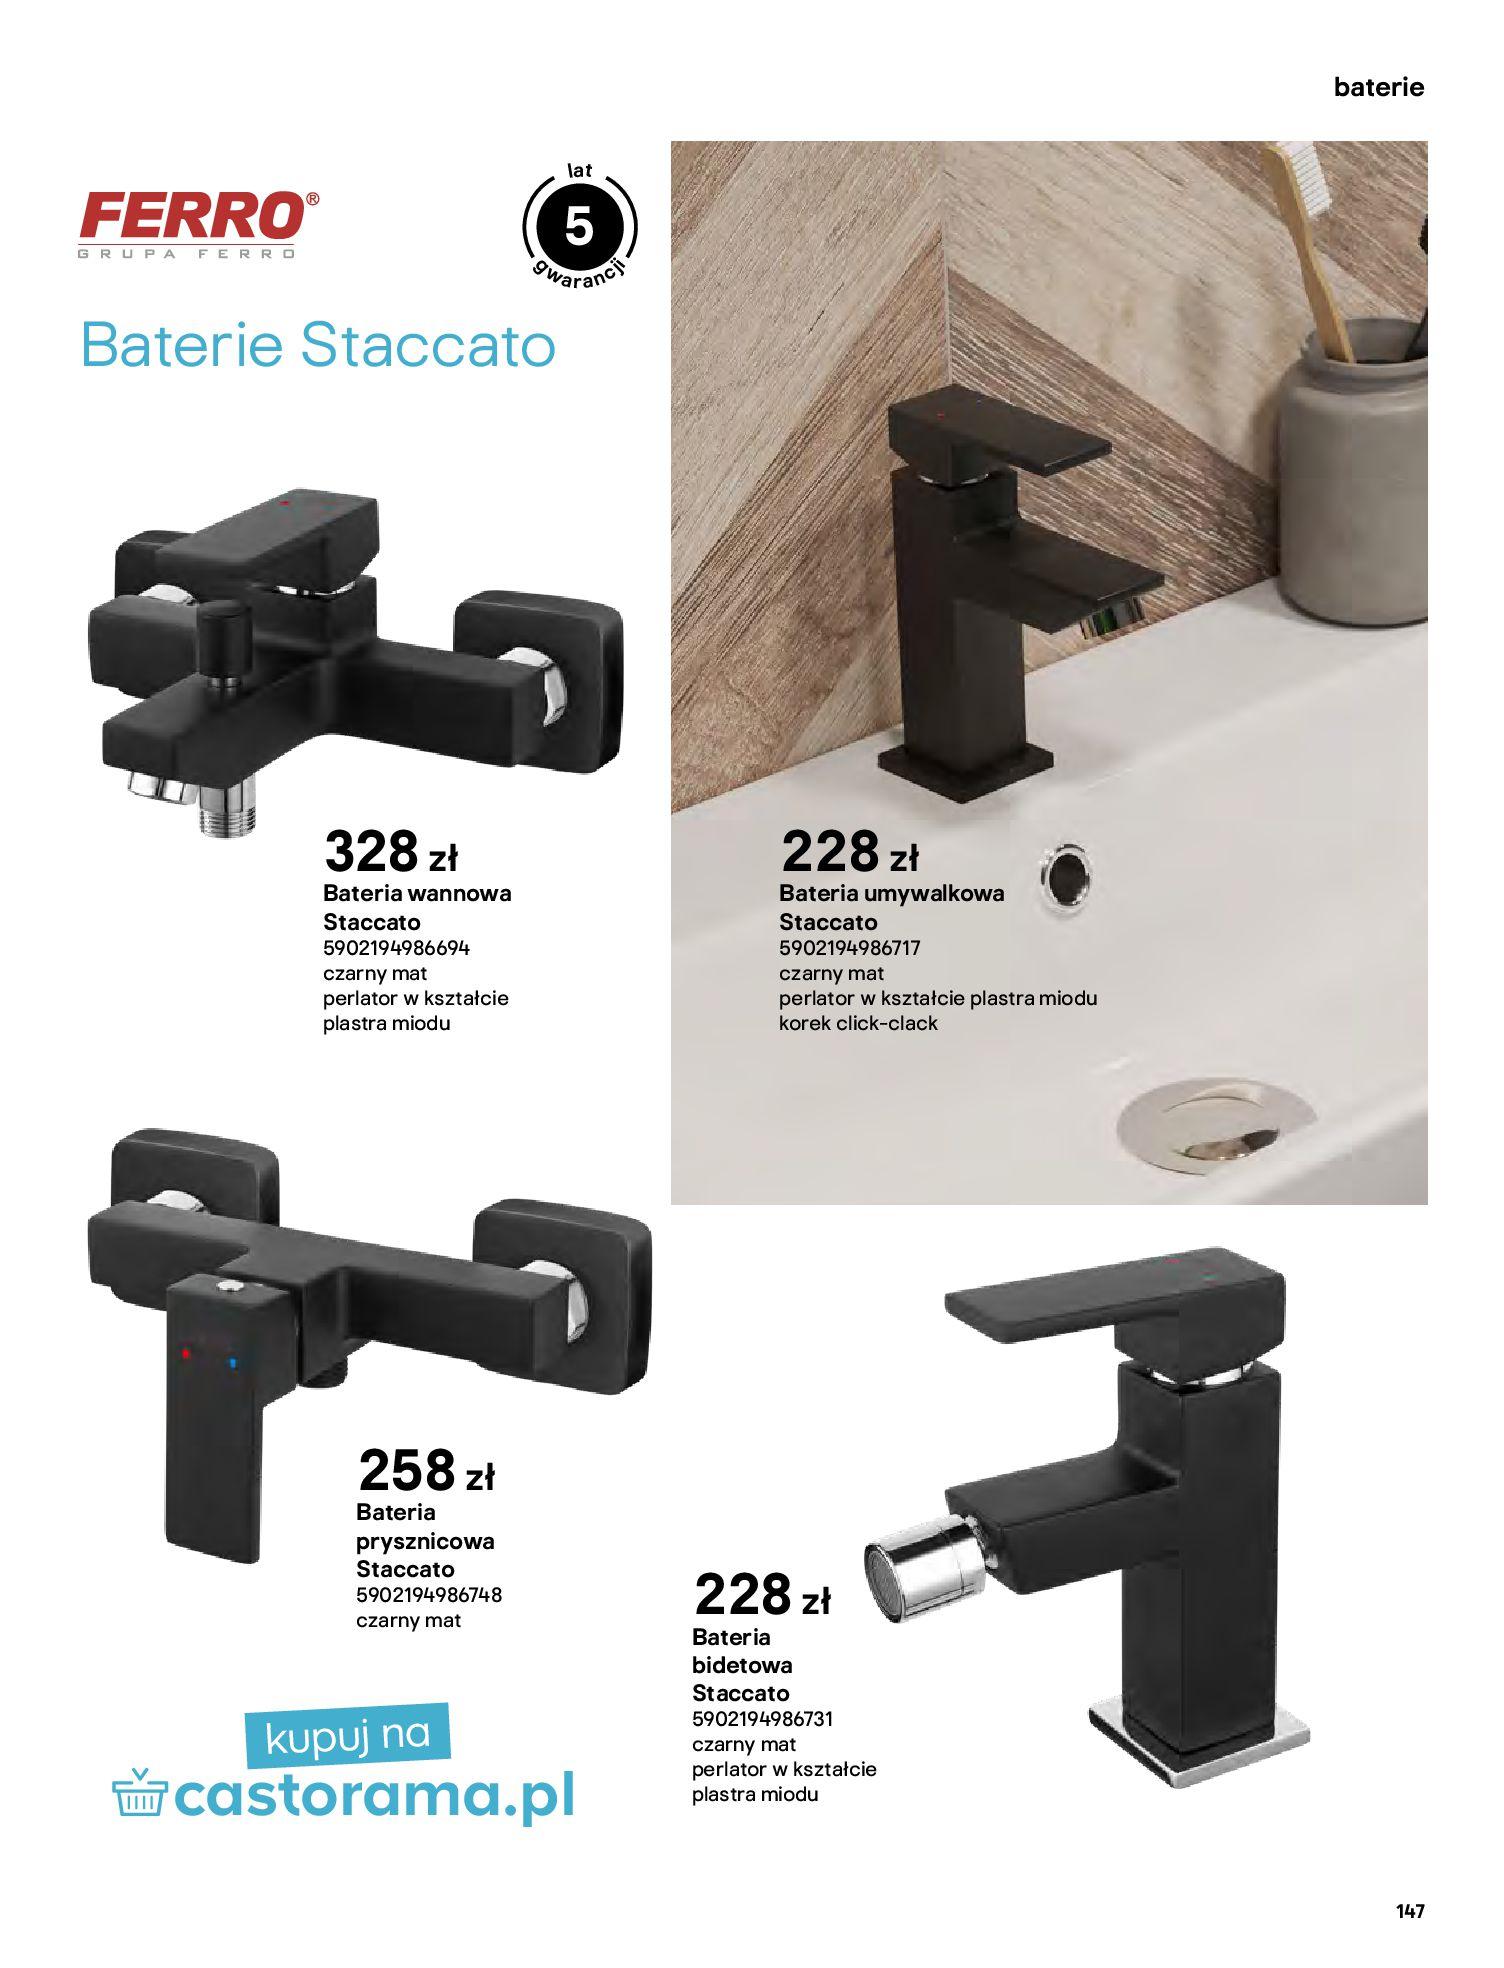 Gazetka Castorama: Gazetka Castorama - katalog łazienki 2021 2021-06-16 page-147